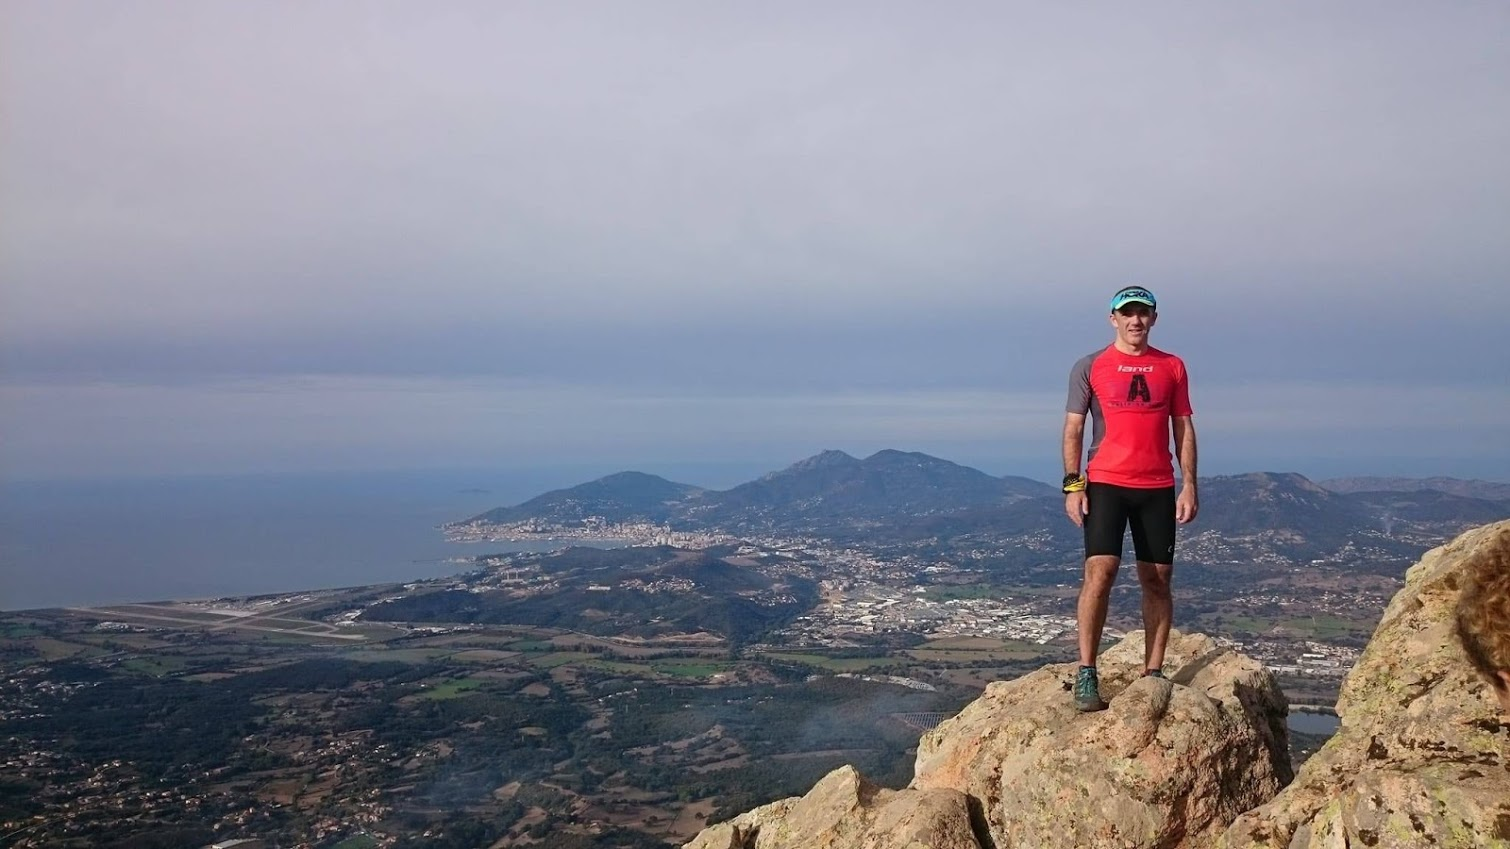 sejour-trail-corse-vibrez-montagne-3